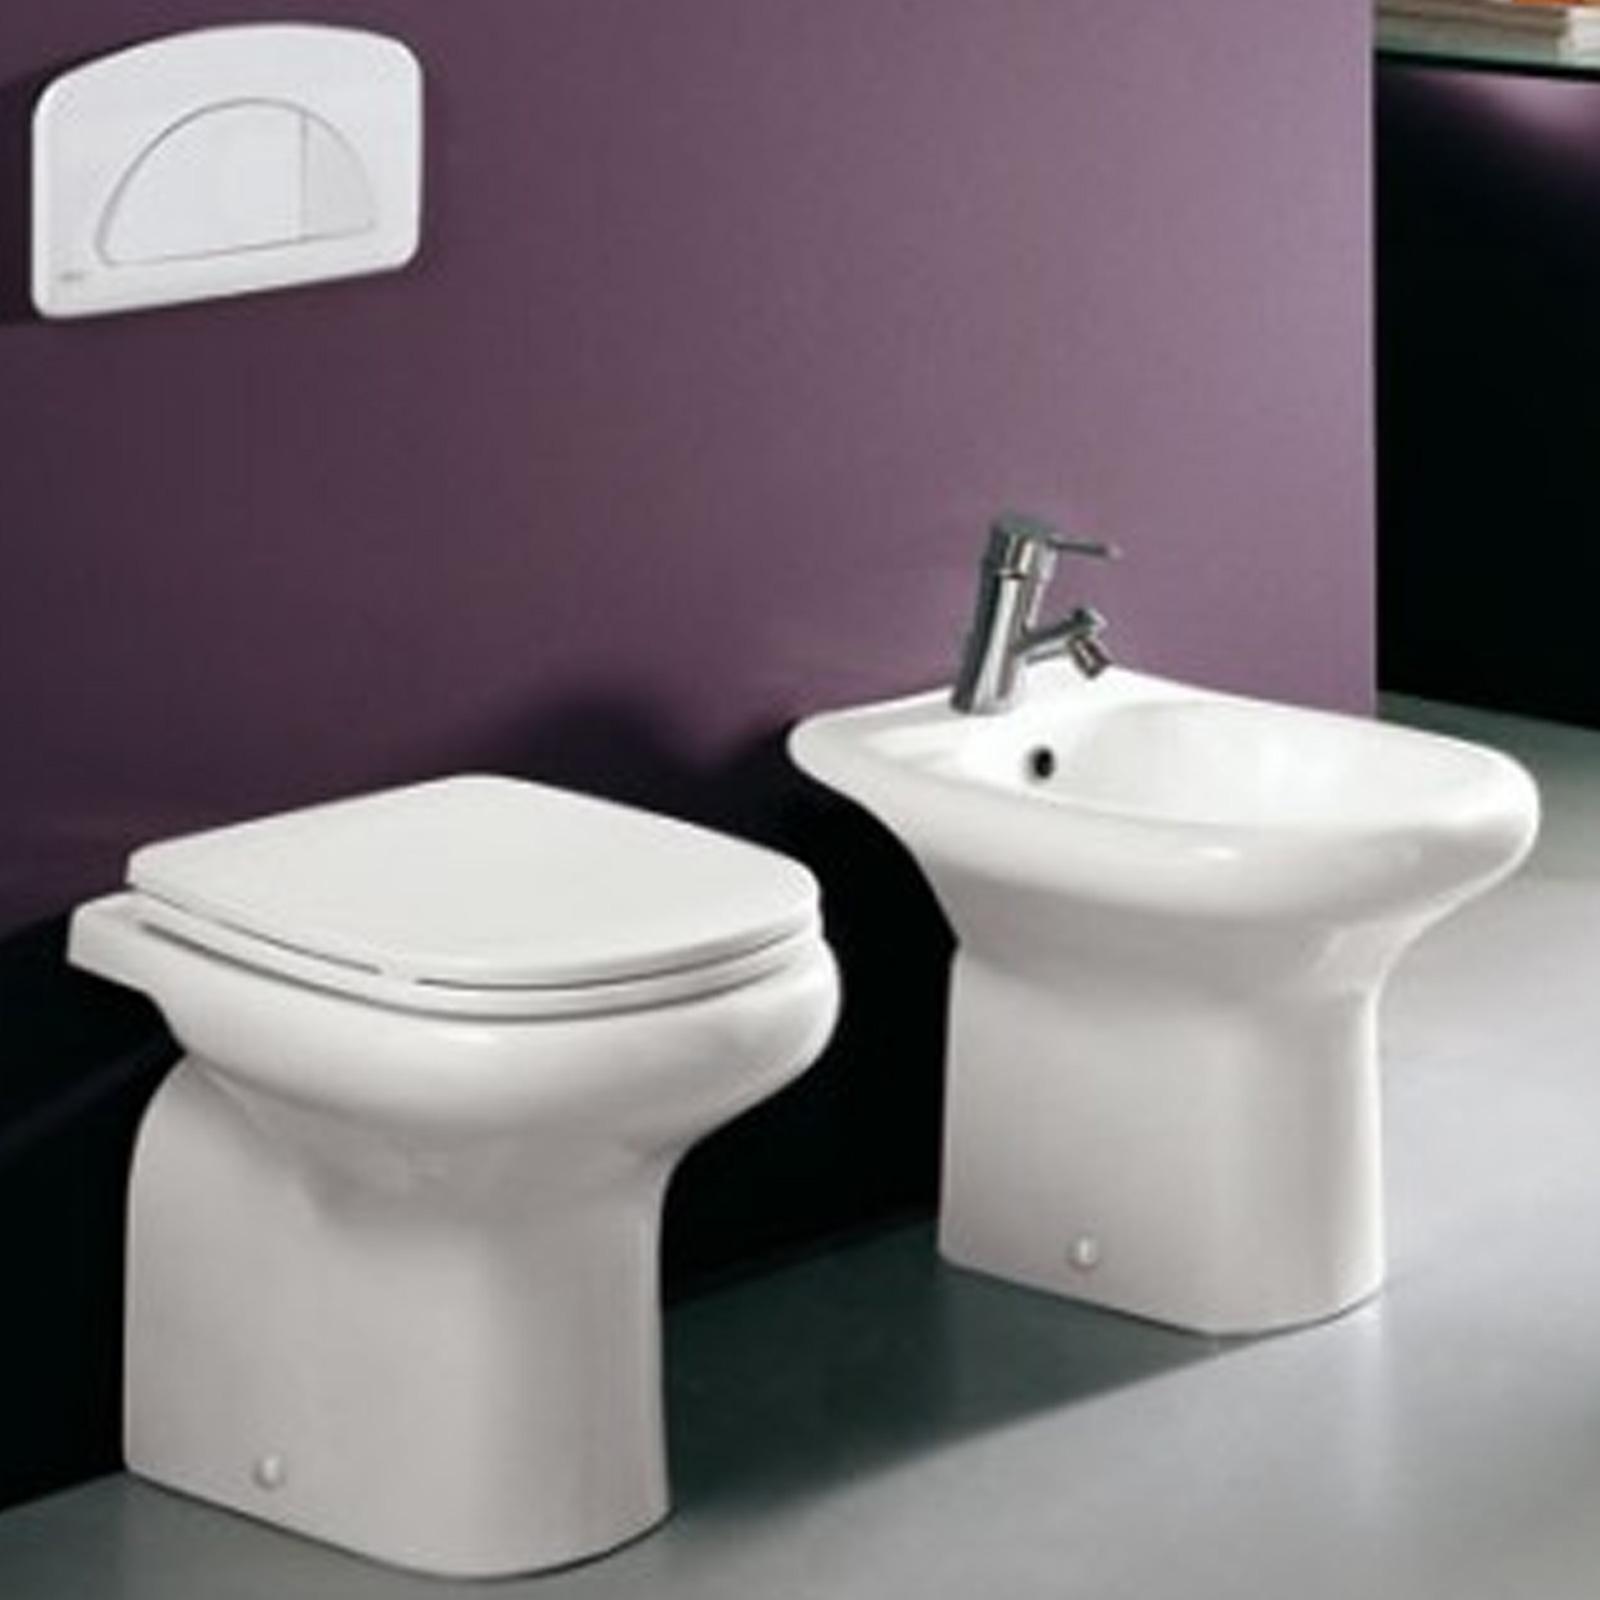 3 sanitari tradizionali wc bidet sedile for Sanitari bagno